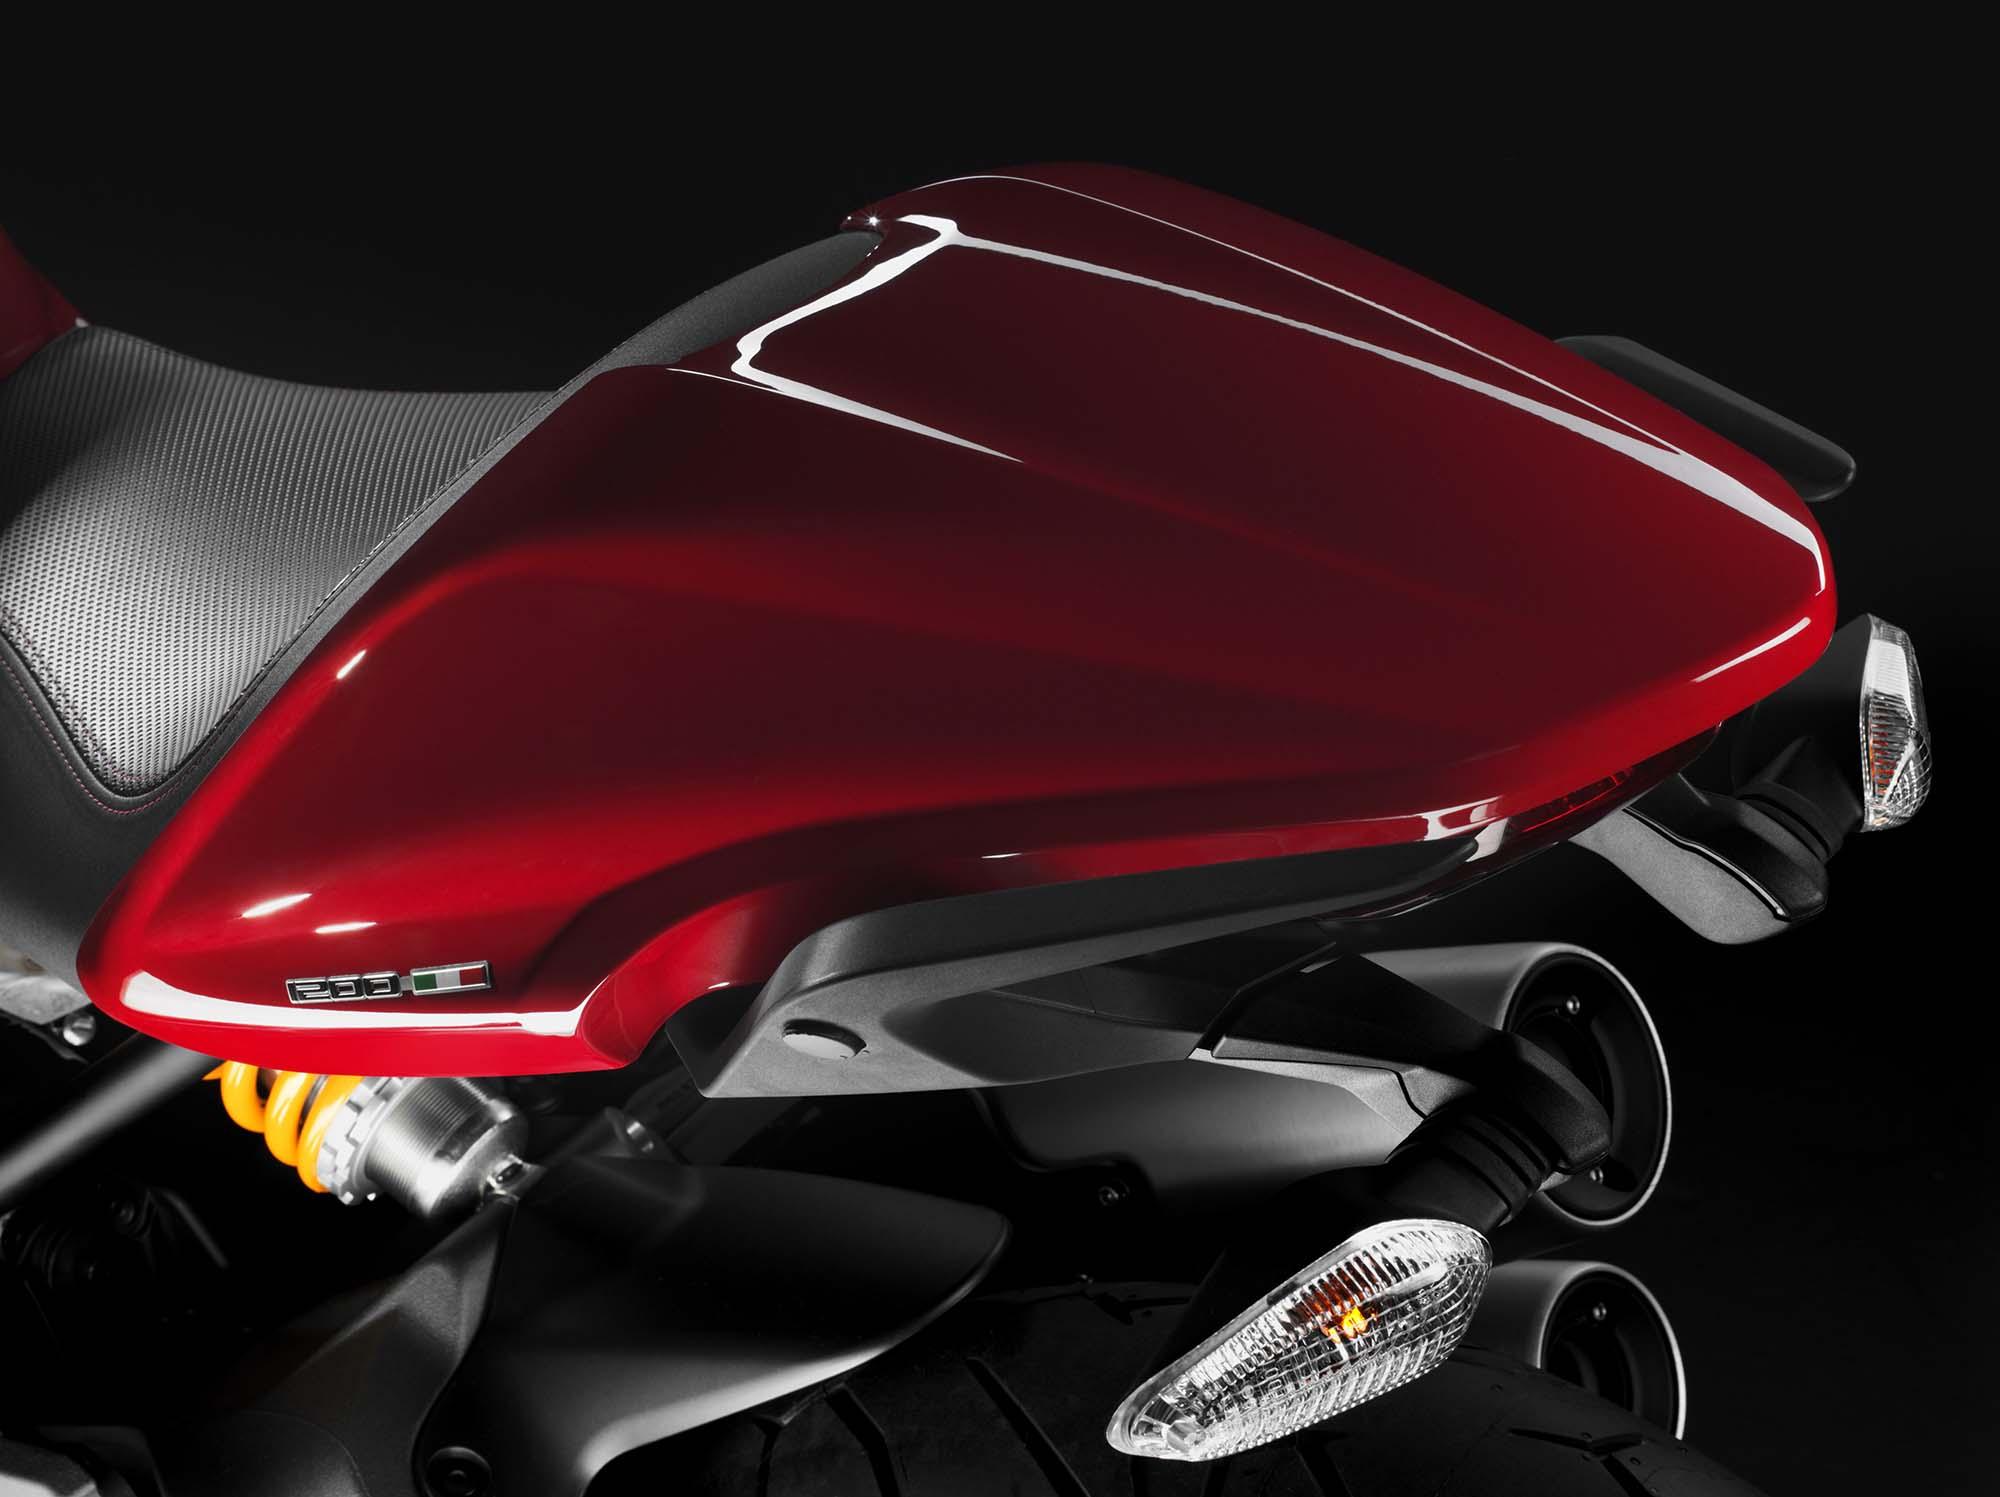 http://www.asphaltandrubber.com/wp-content/uploads/2013/11/2104-Ducati-Monster-1200-071.jpg